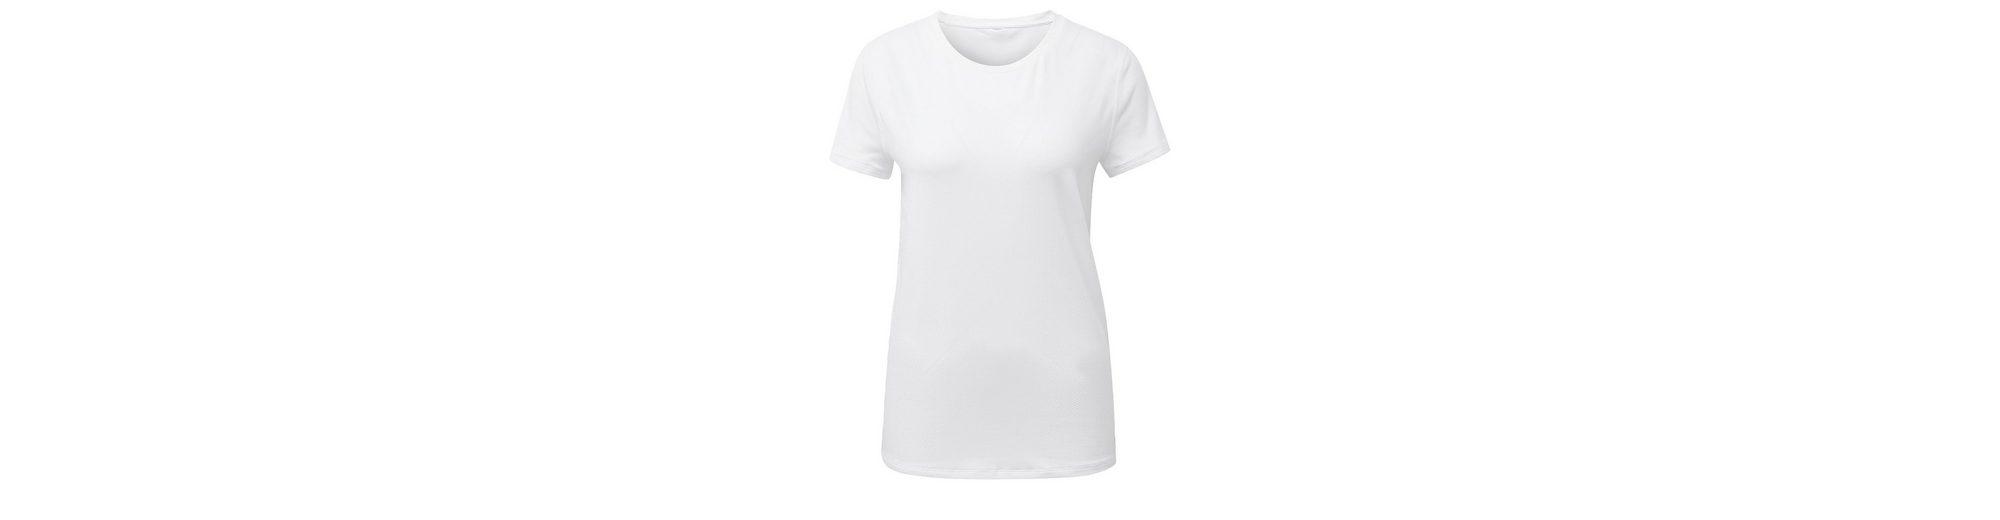 Performance shirt Climalite Adidas Sporttop T dwdqf